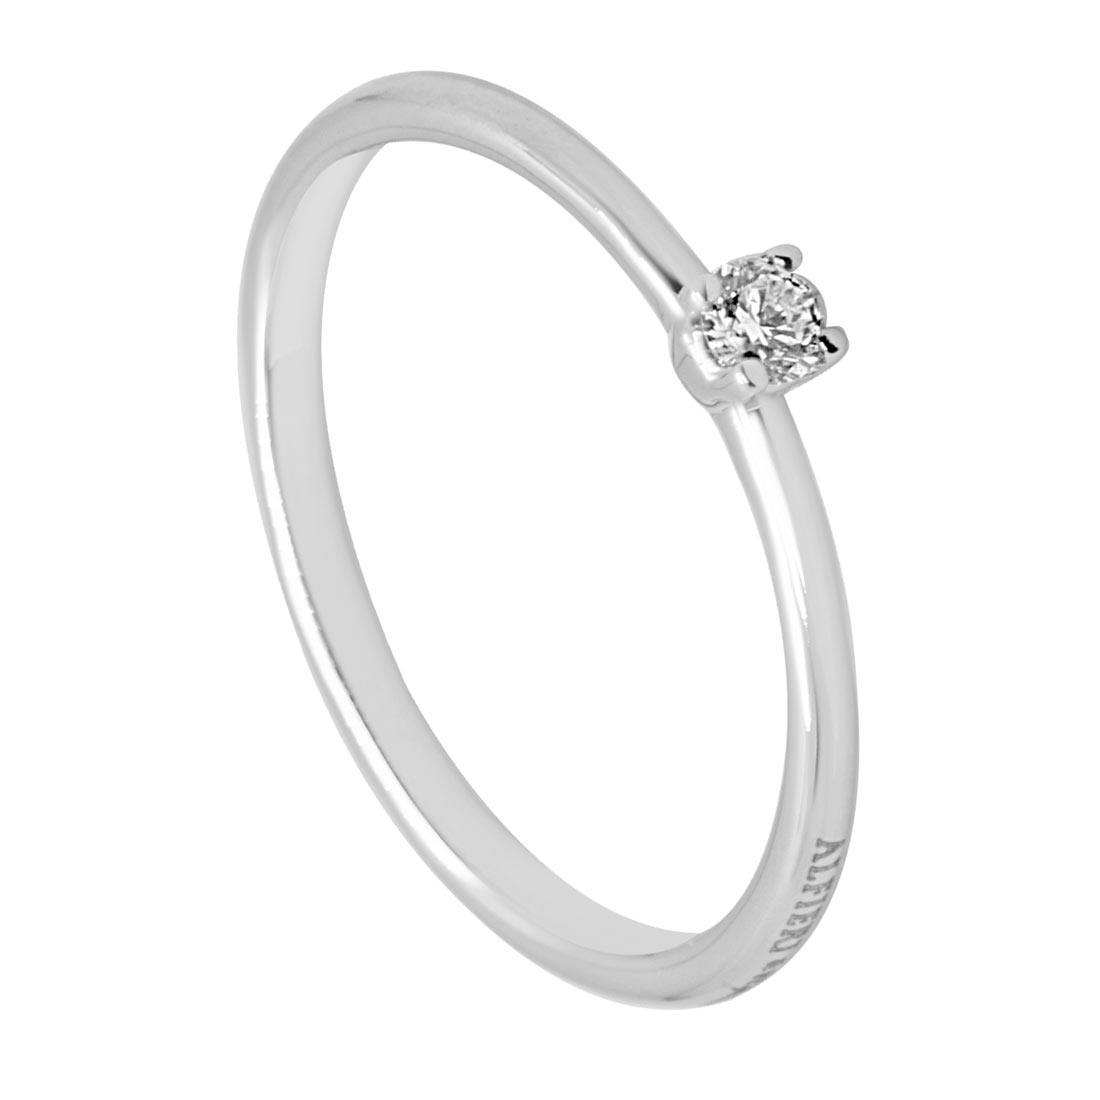 Anello solitario in oro bianco con diamante 0,08 ct mis 13 - ALFIERI & ST. JOHN